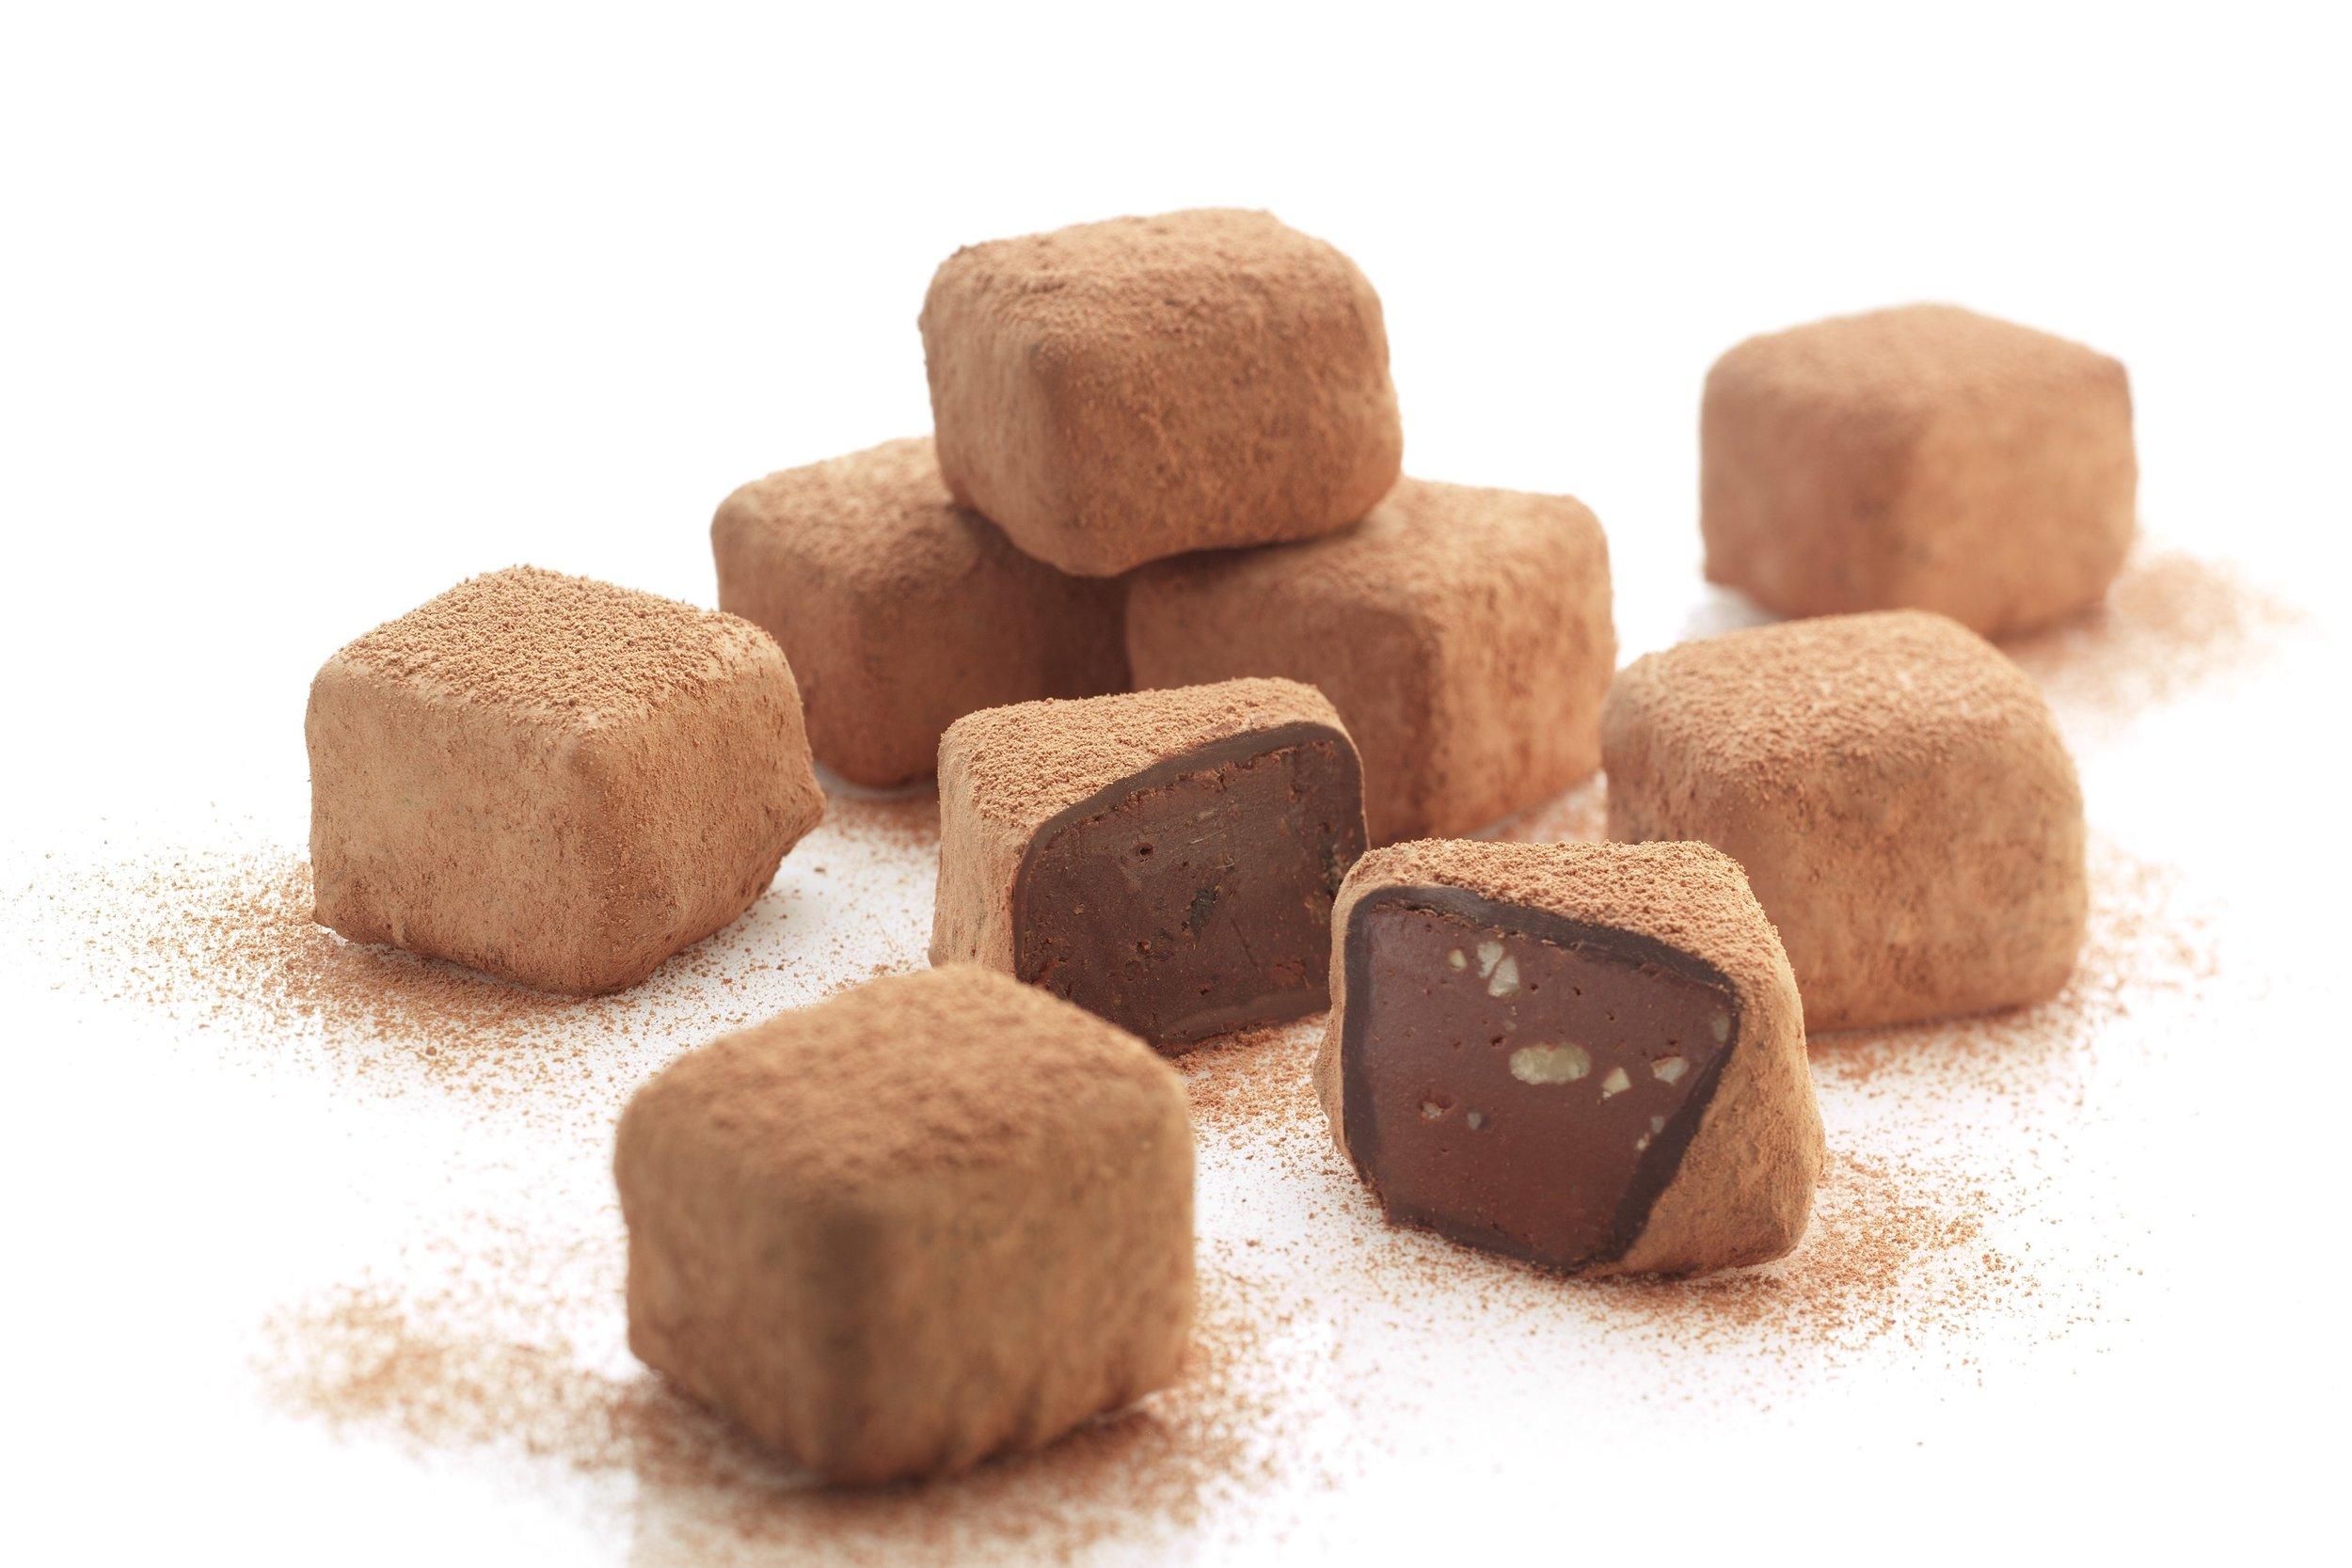 loose-cut-truffles-creative-2.jpg